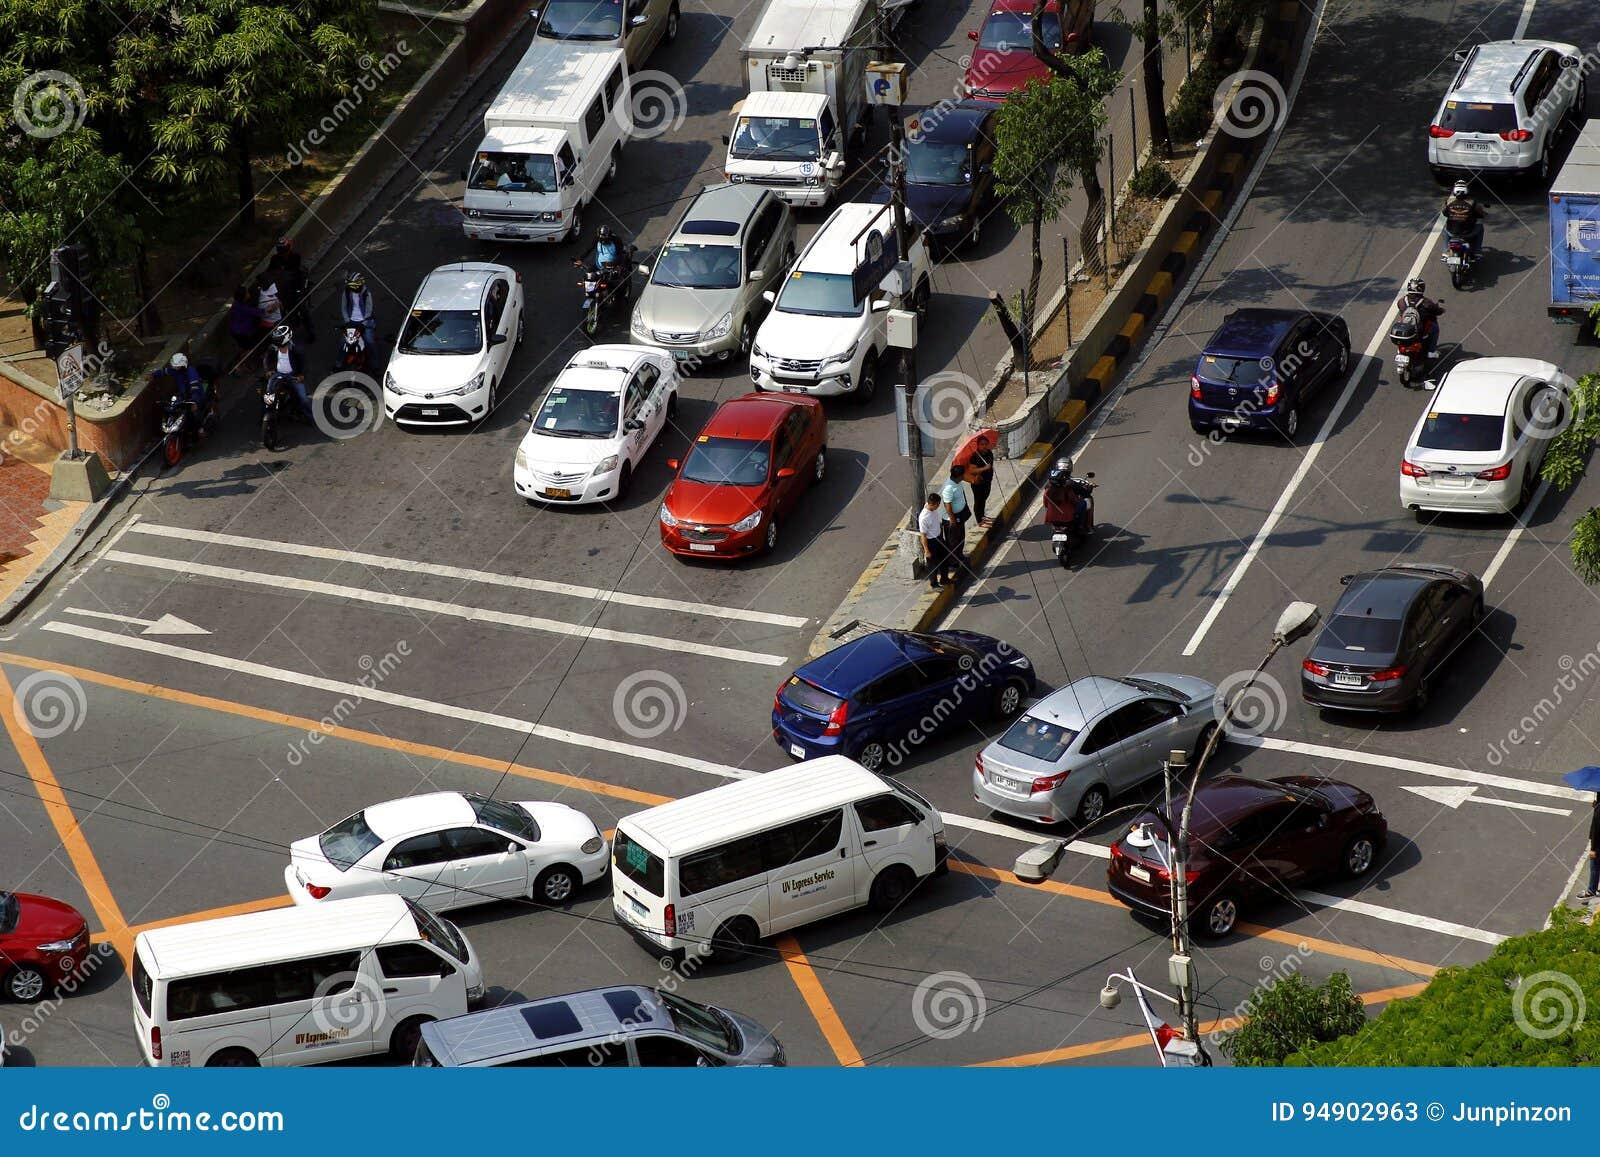 Vehículos privados y públicos en una intersección en la ciudad de Pasig, Filipinas durante la hora punta por la mañana